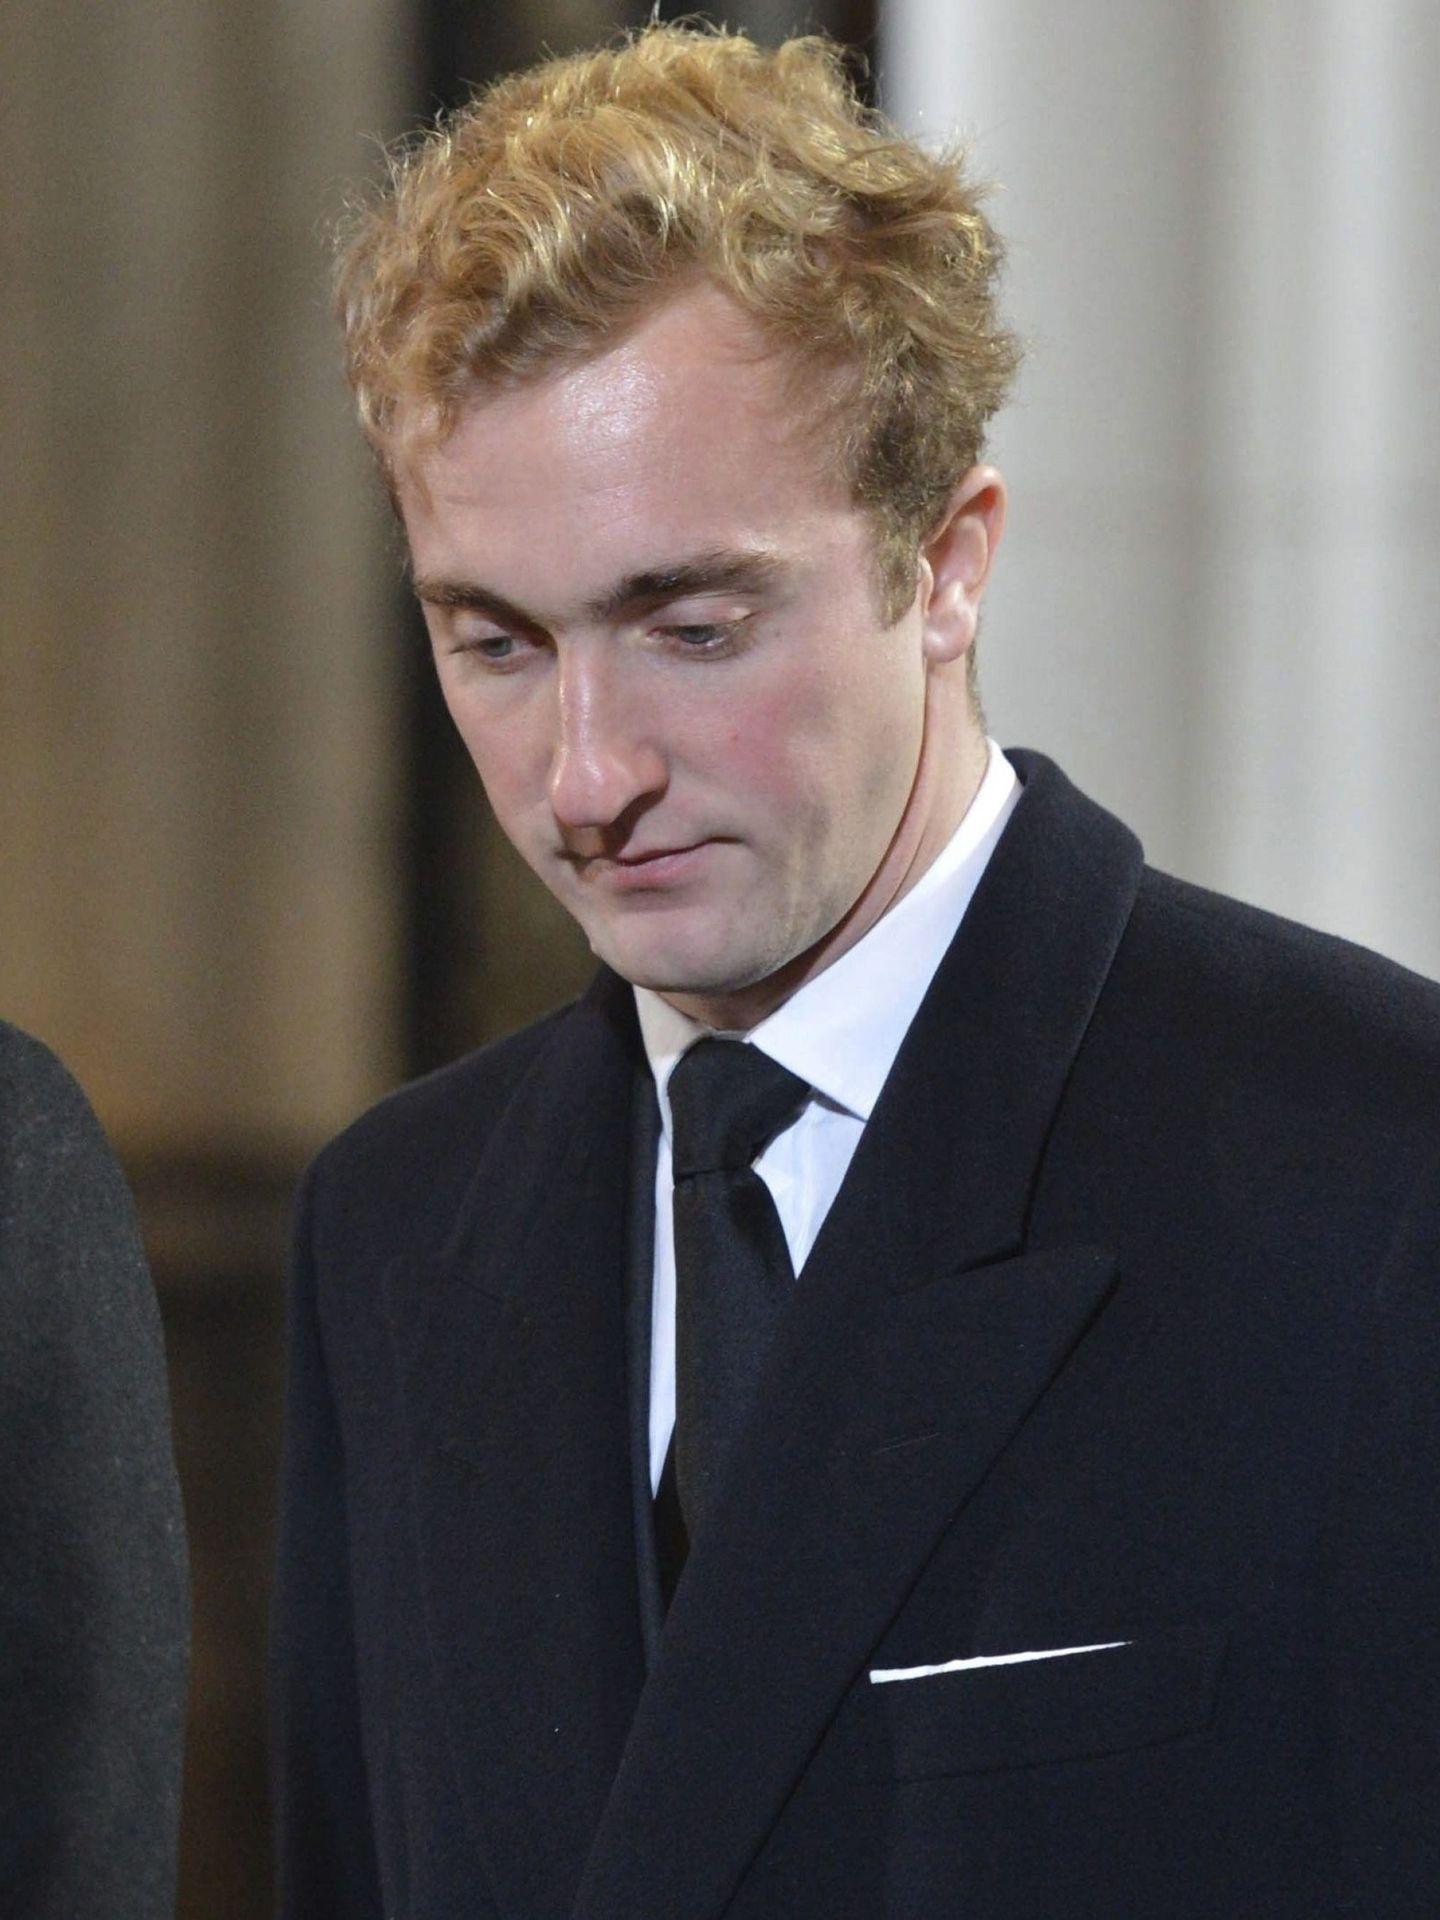 El príncipe Joaquín de Bélgica, en una imagen de archivo. (EFE)